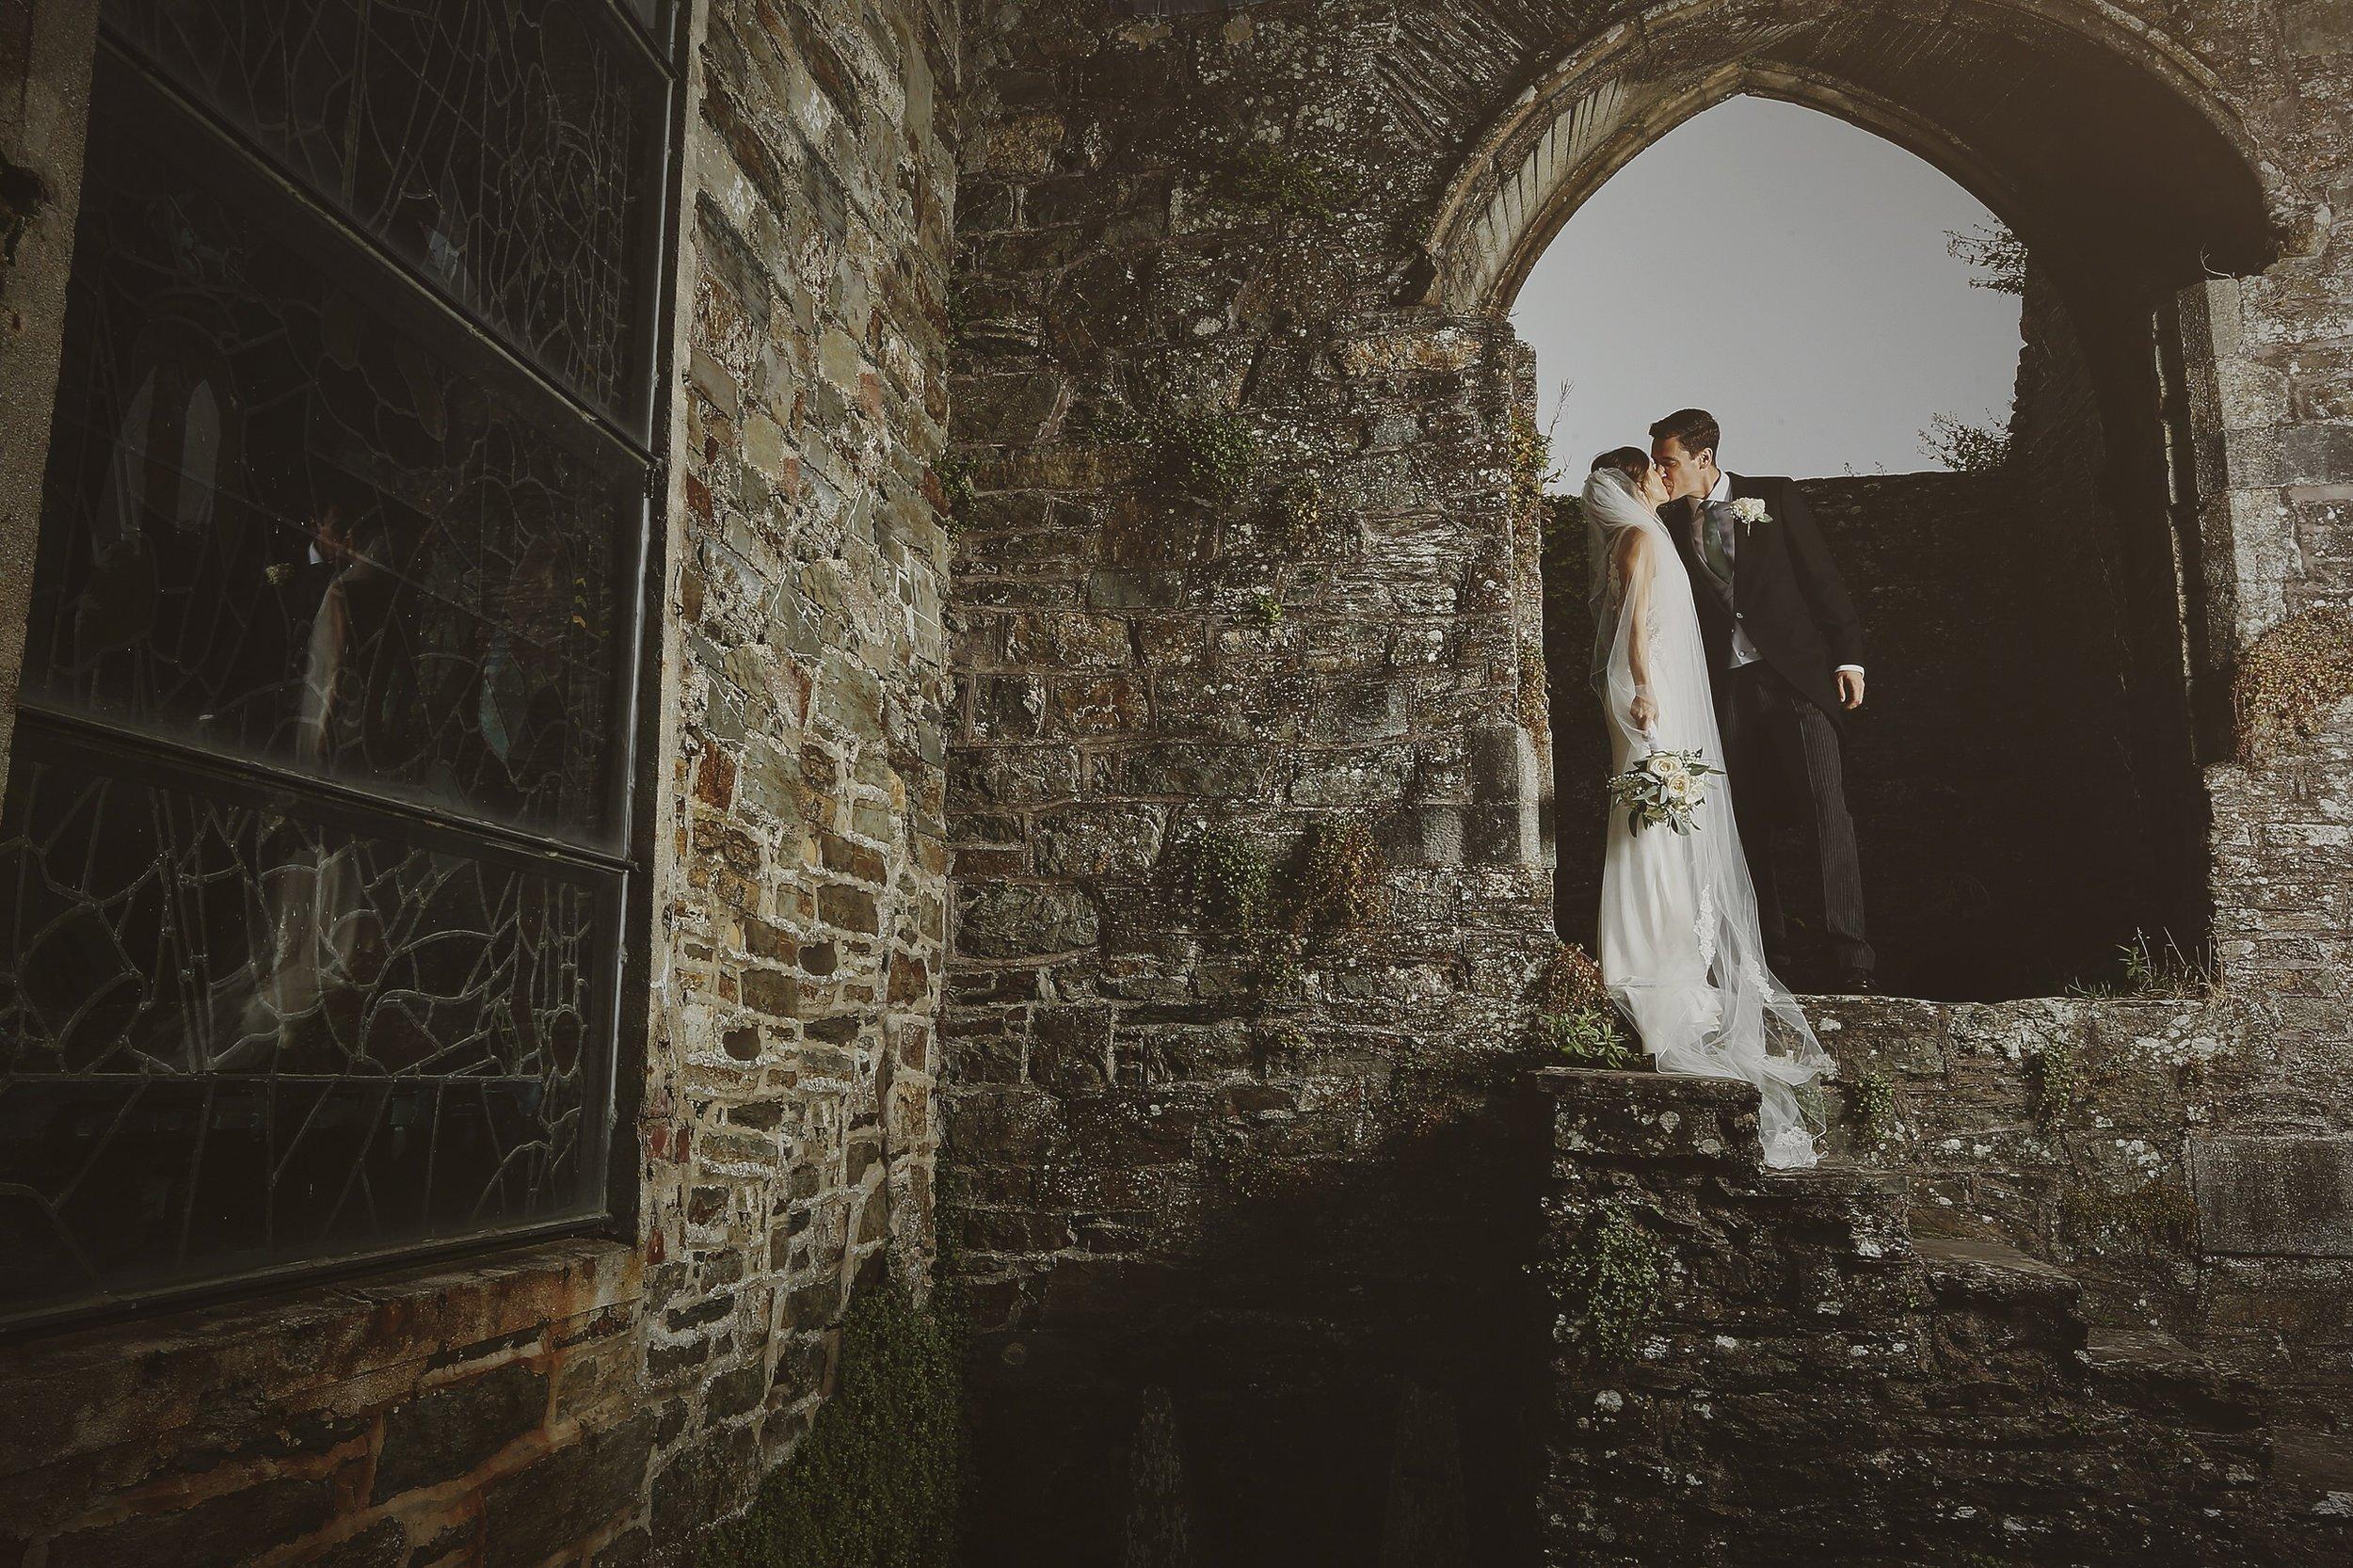 brettharkness-destination-wedding-photographer-ireland_0036.jpg